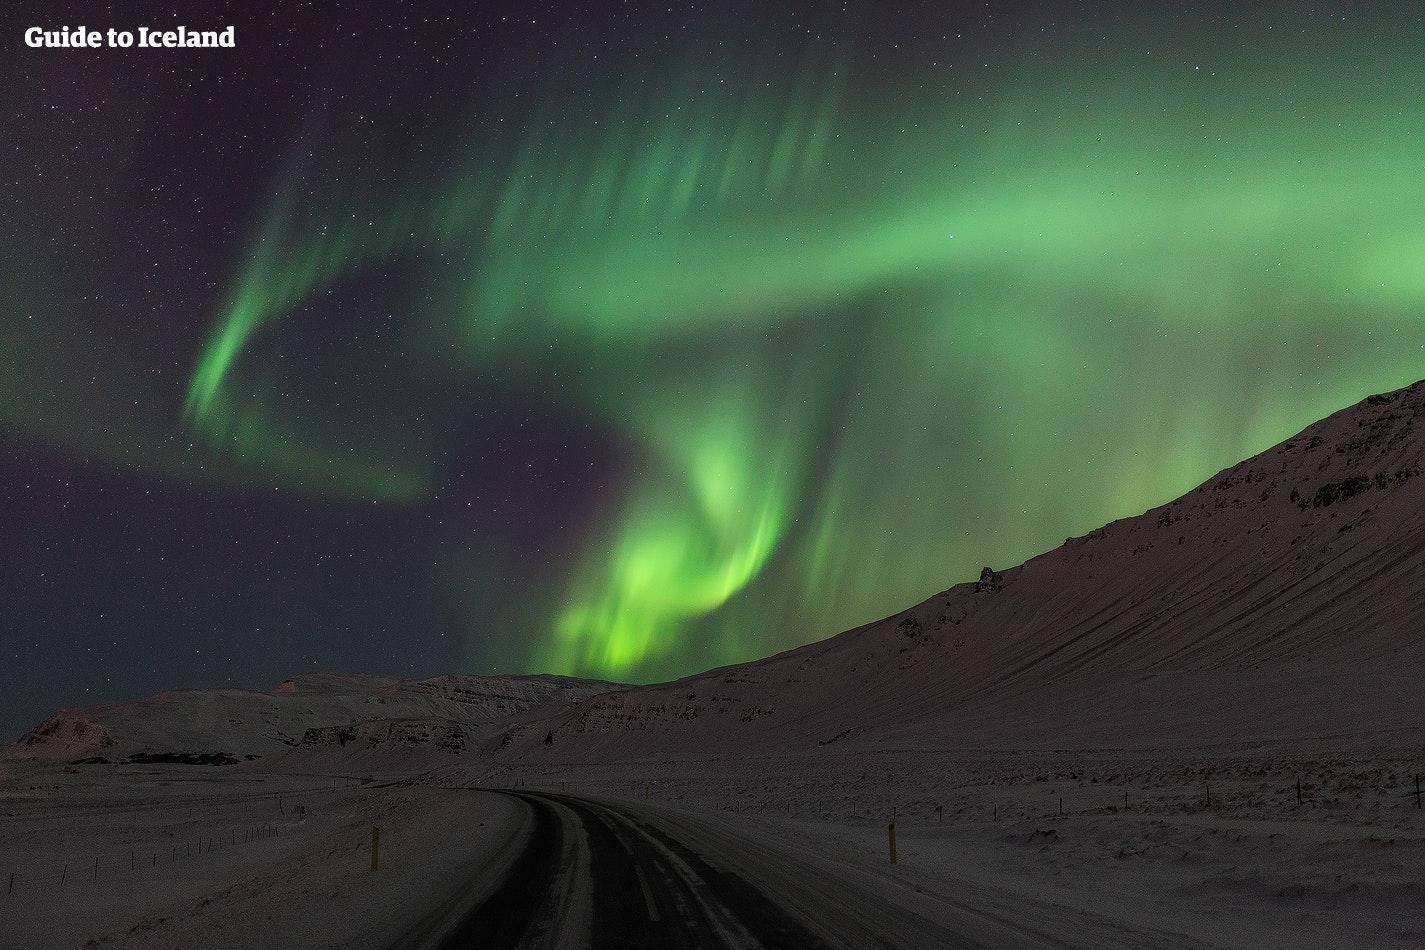 Ge dig ut på norrskensjakt. Under en rundtur där du kör själv får du oändliga möjligheter att se norrskenet.